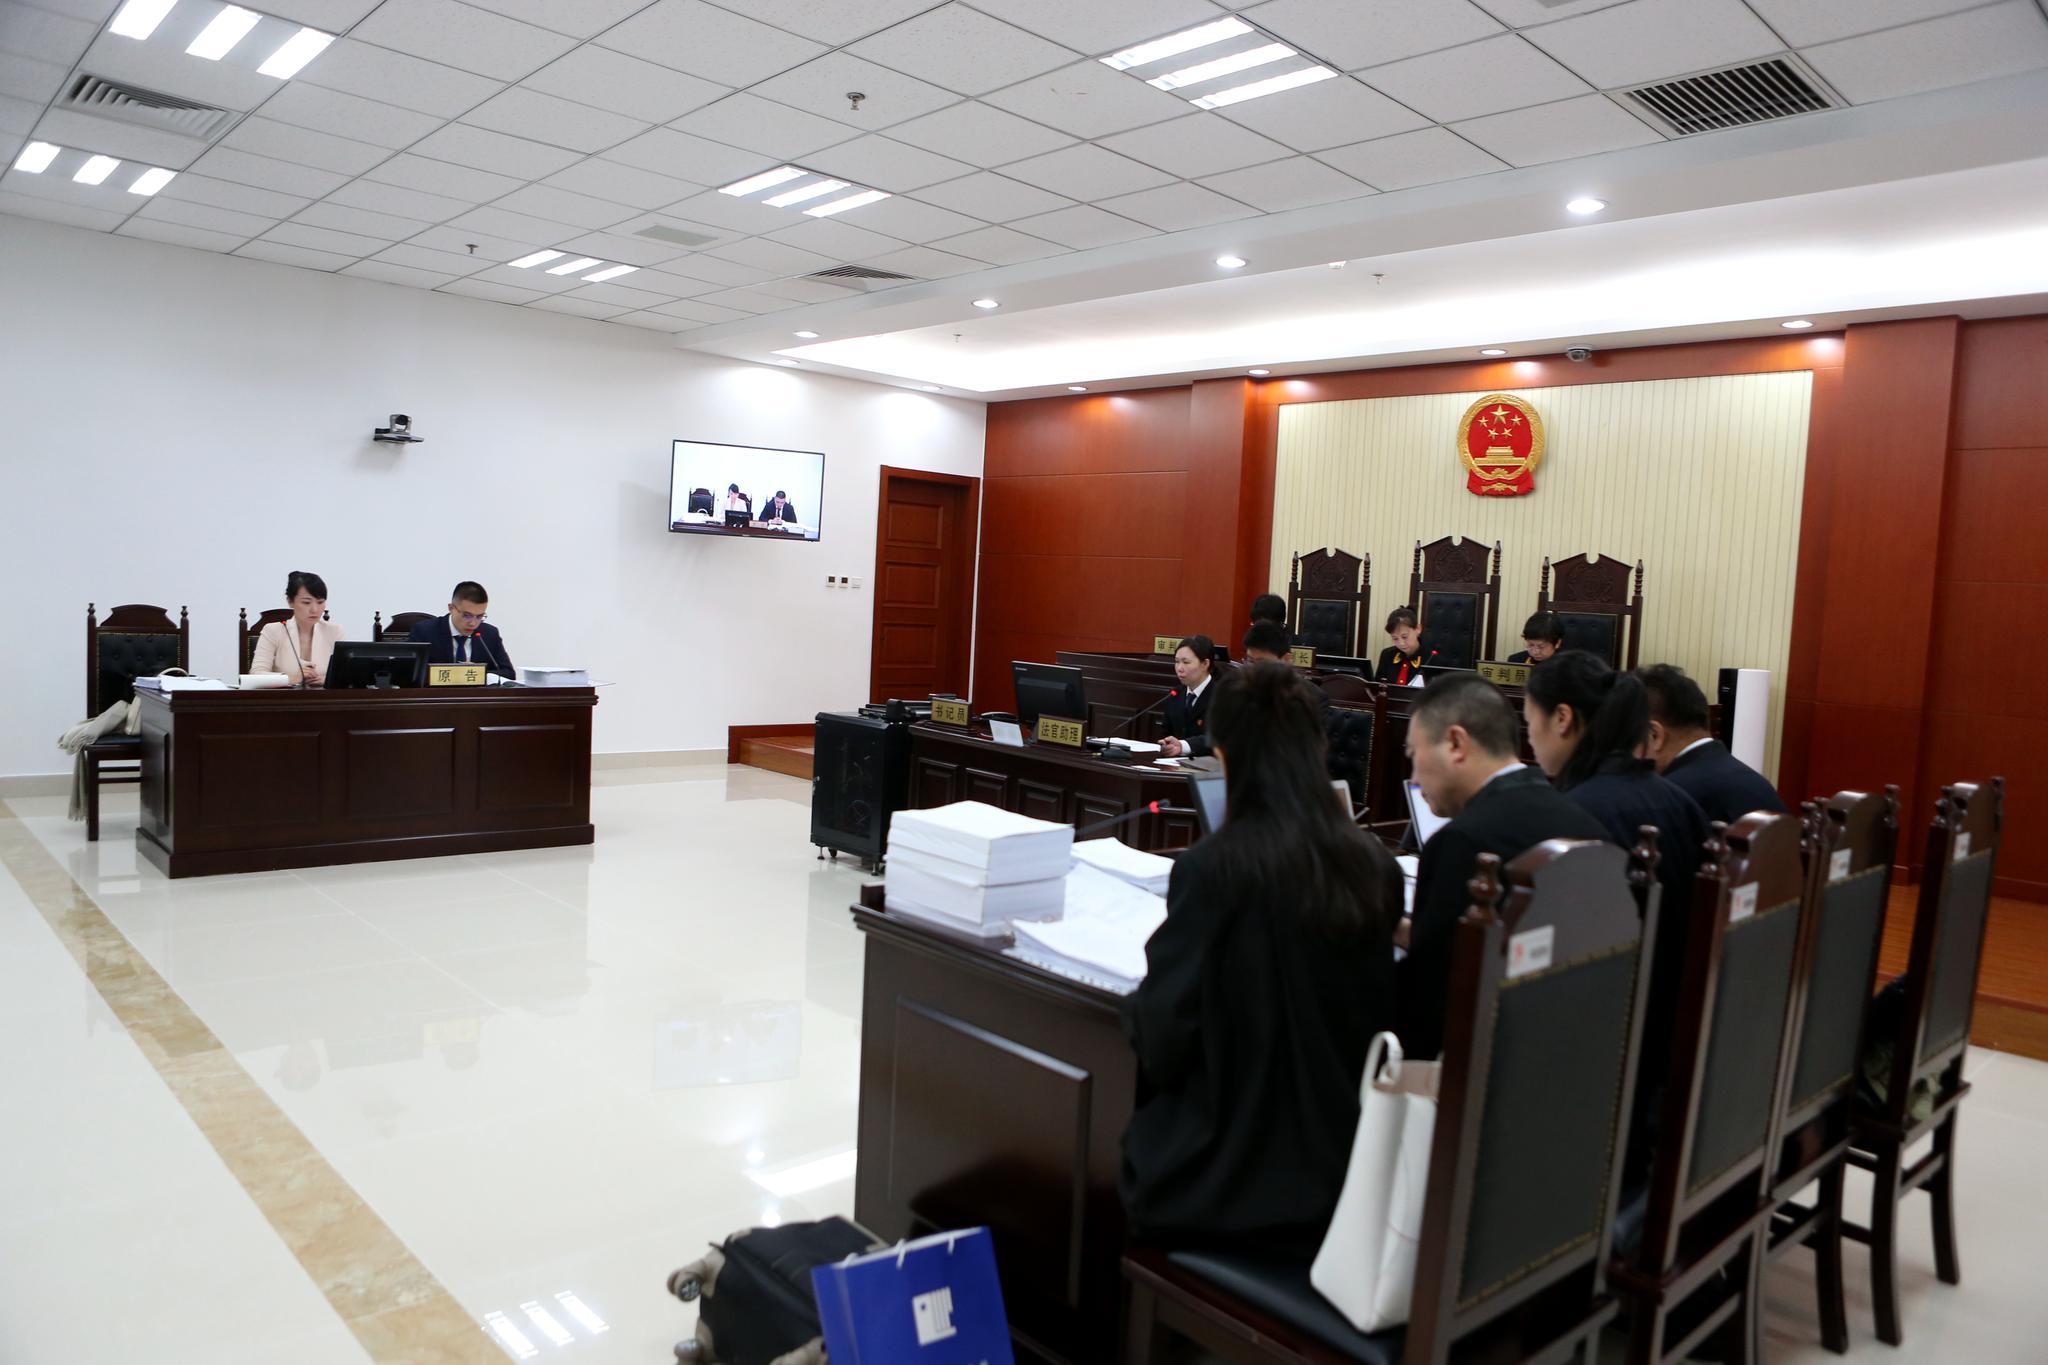 认为艺人高云翔违约,《阿那亚恋情》制片方起诉解除合同